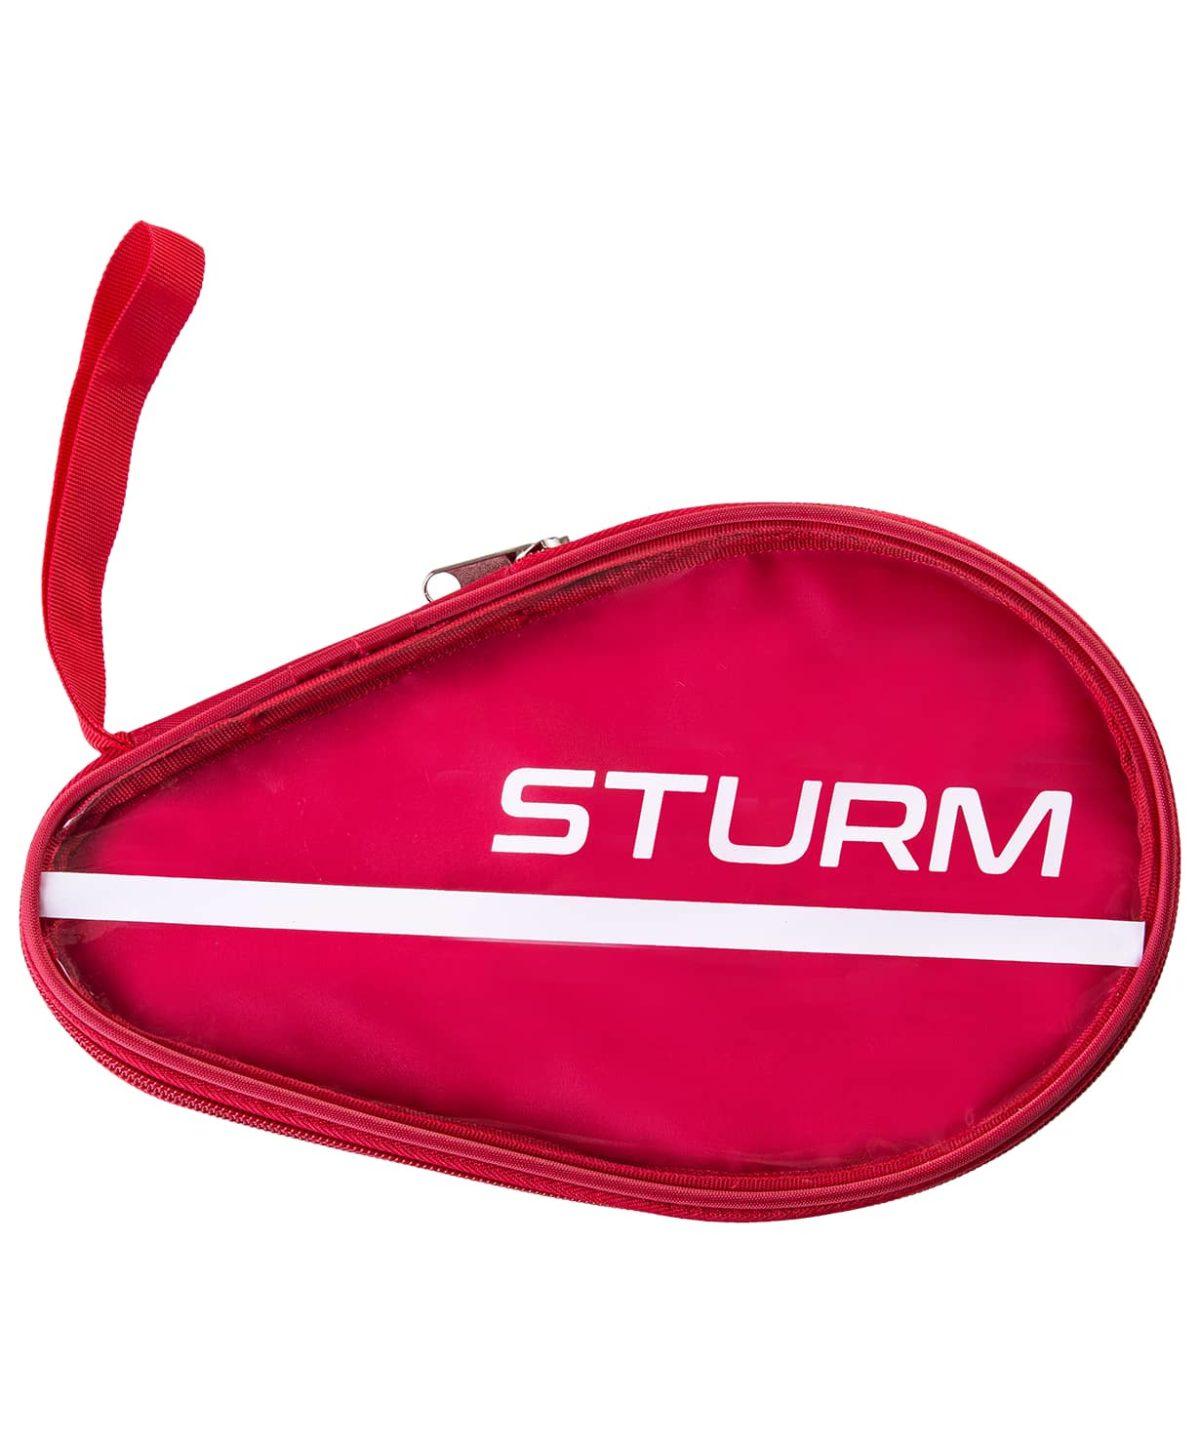 STURM Чехол для ракетки для настольного тенниса  CS-02: красный/прозрачный - 1